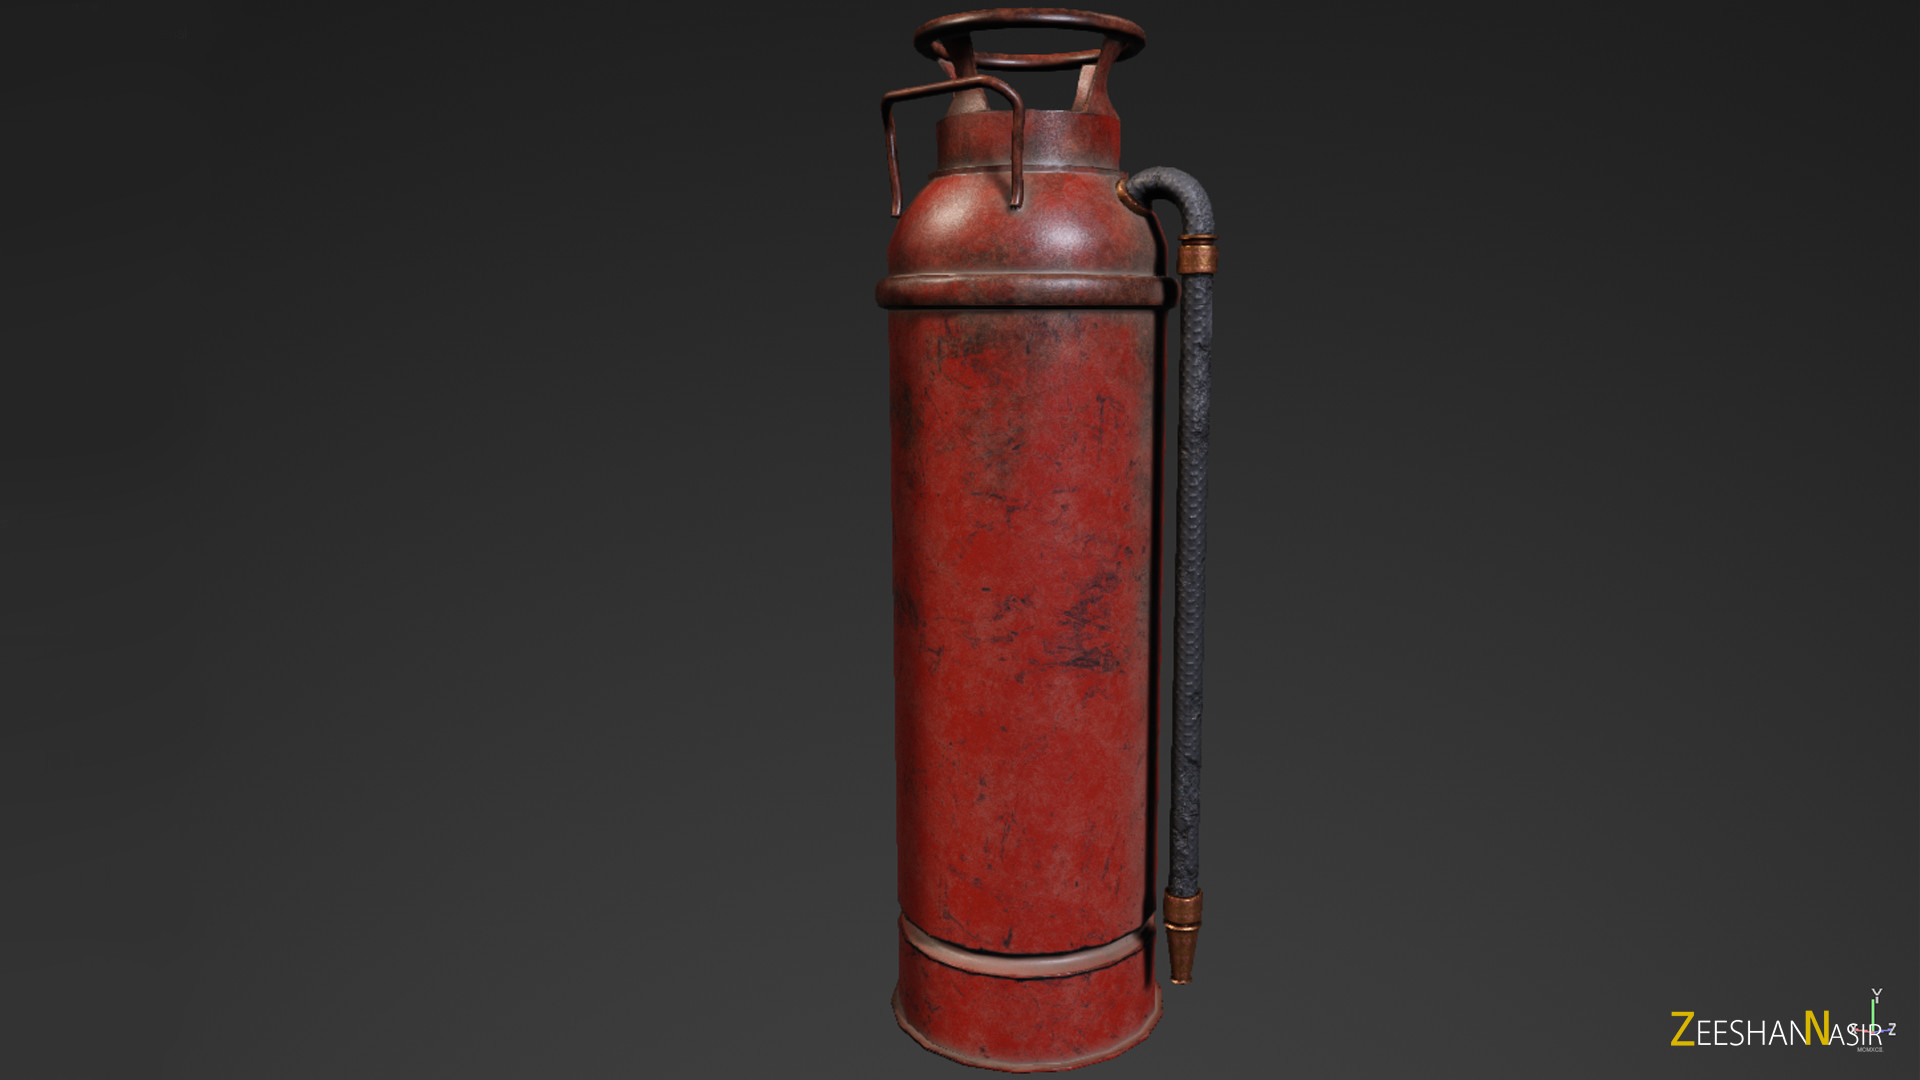 Zeeshan nasir fireextinguisher render 03